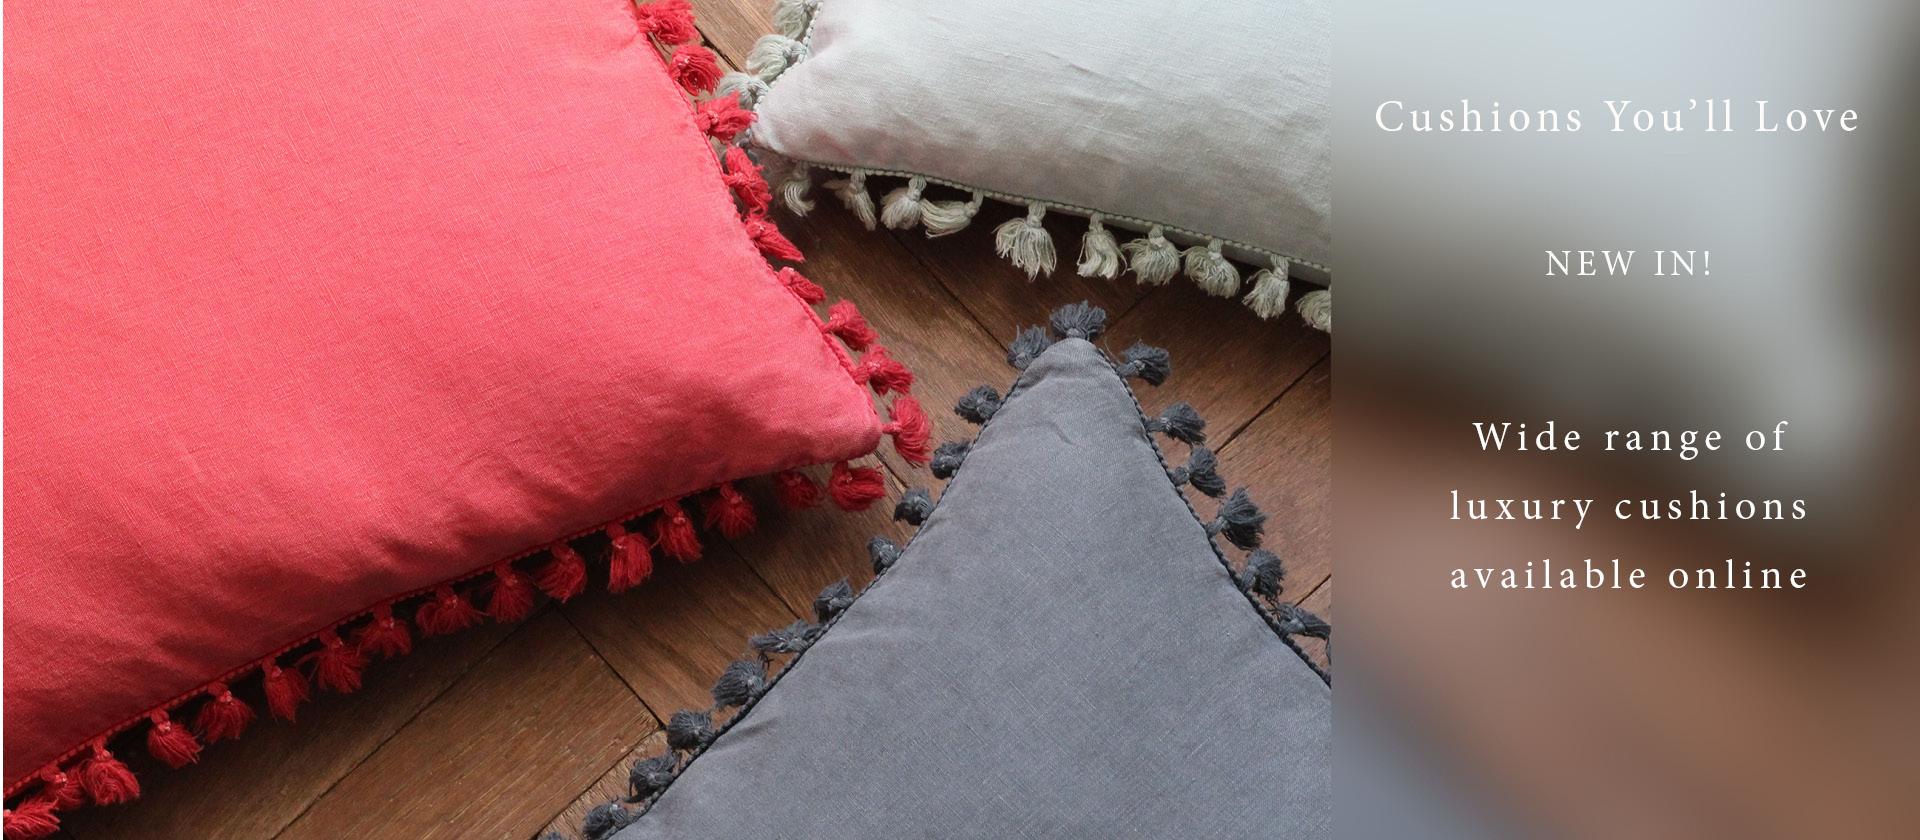 soft-furnishings/cushions